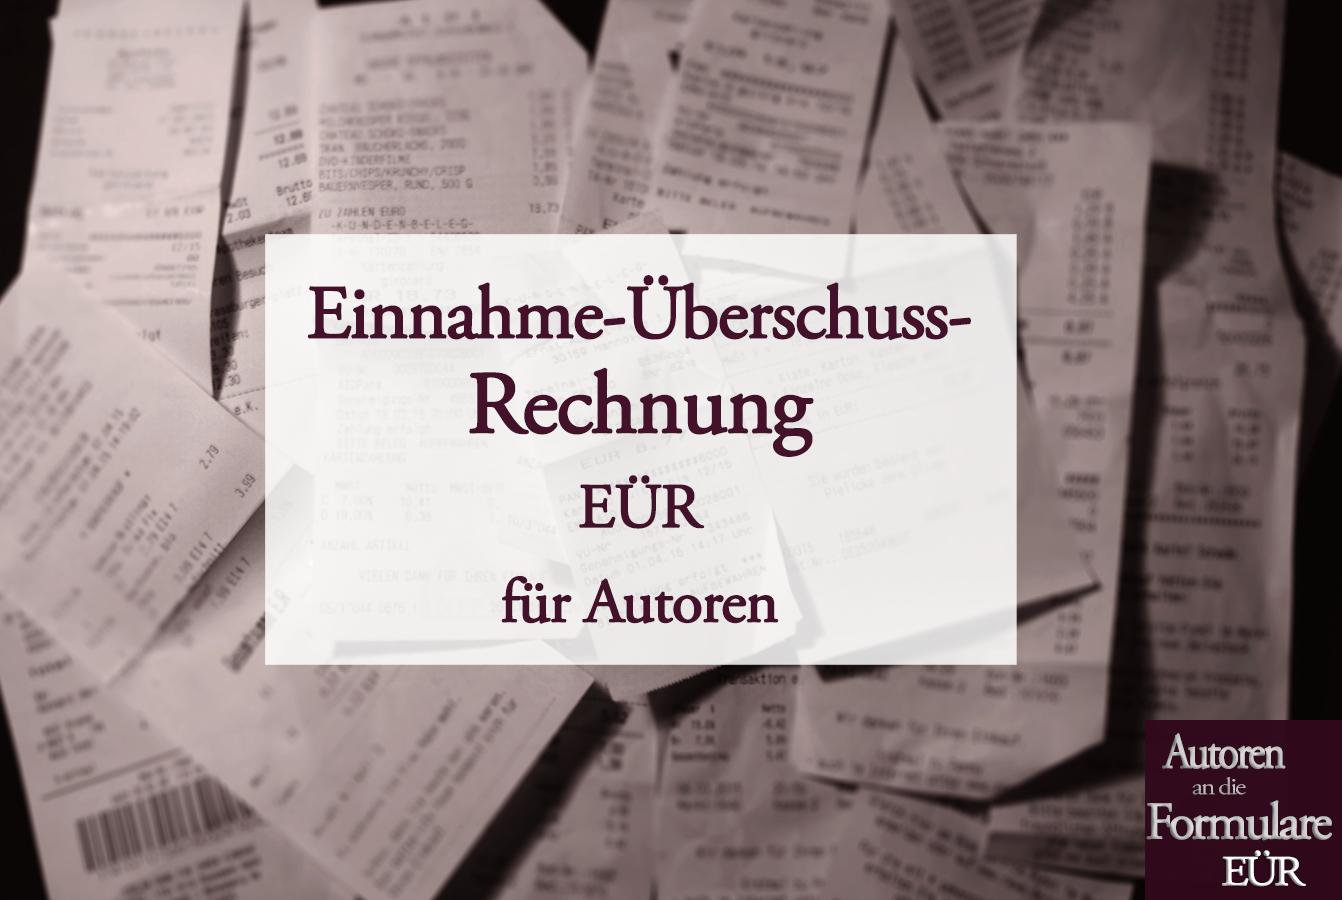 EÜR: Einnahme-Überschuss-Rechnung als Autor